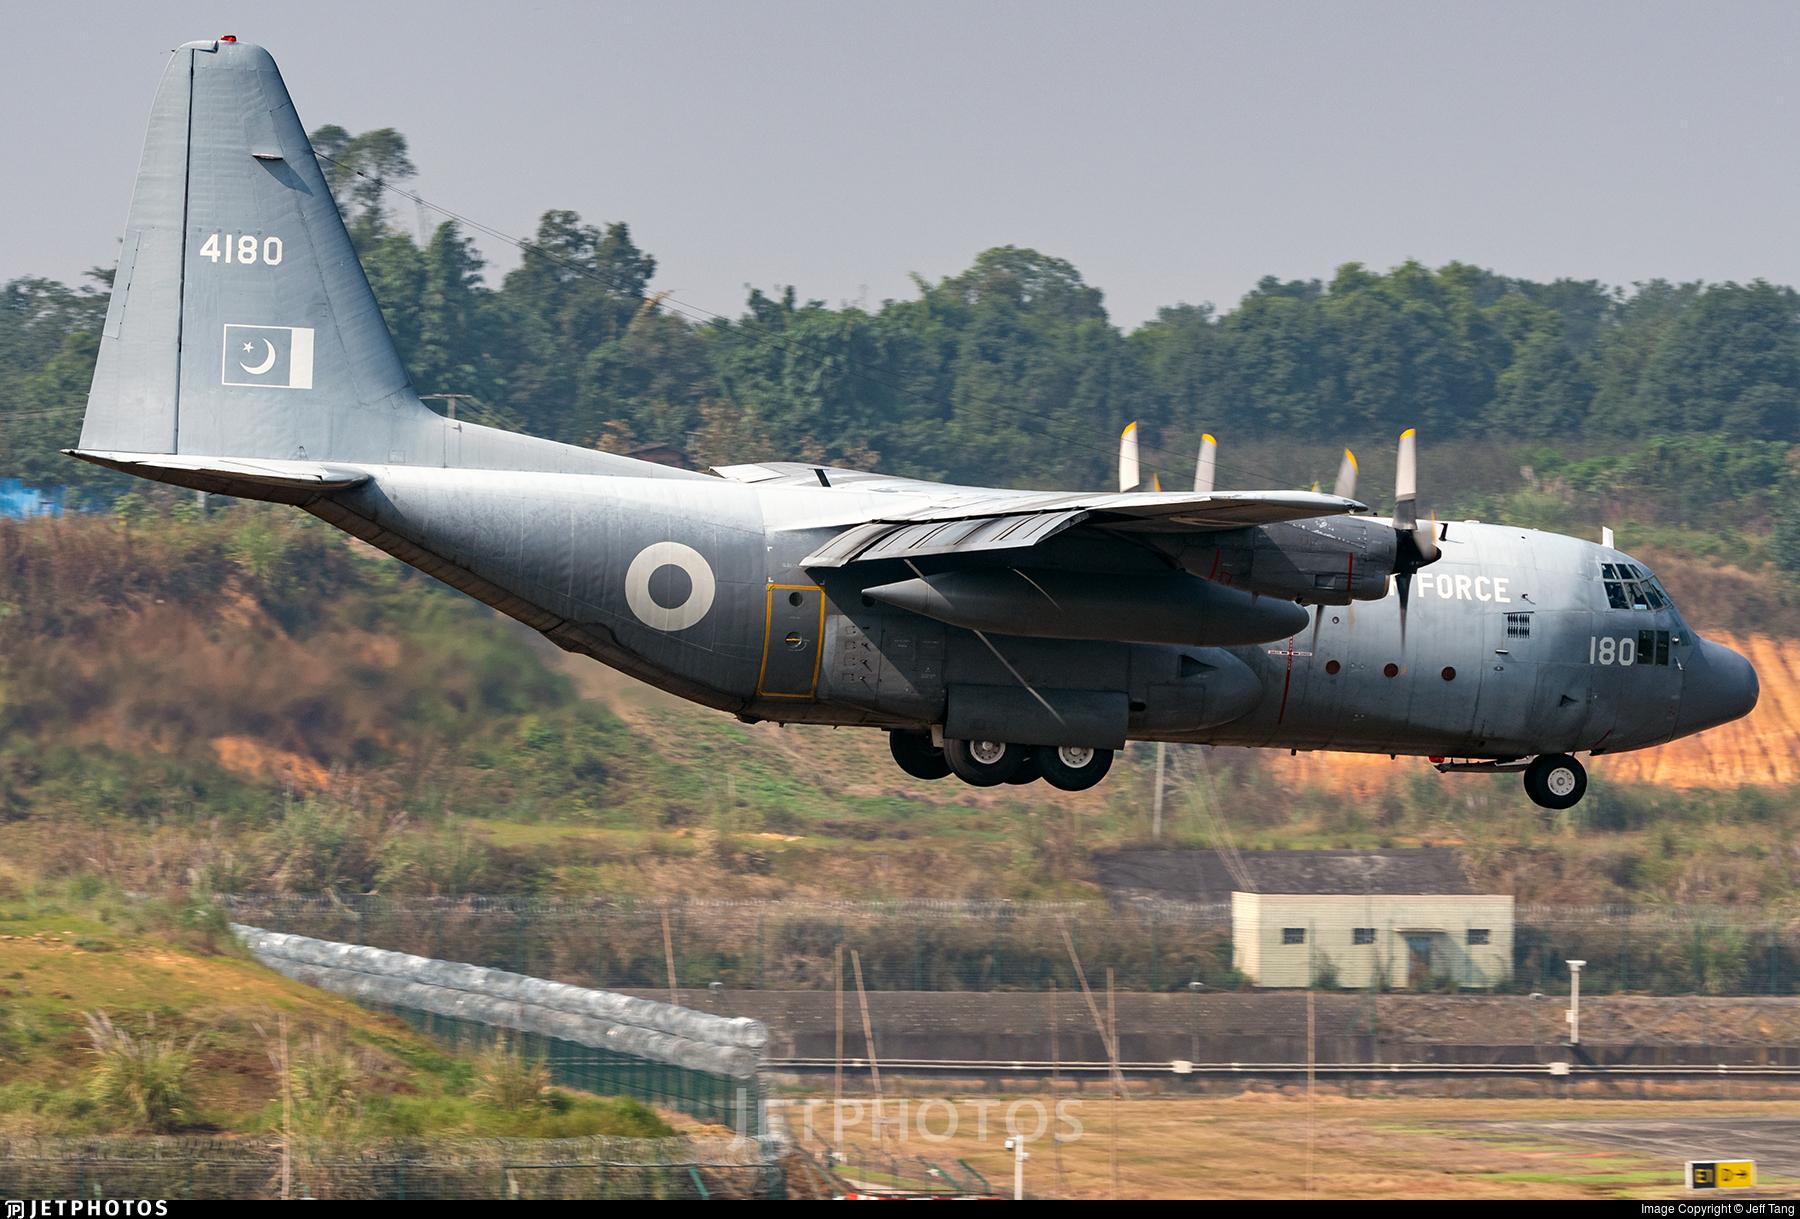 4180 - Lockheed C-130E Hercules - Pakistan - Air Force